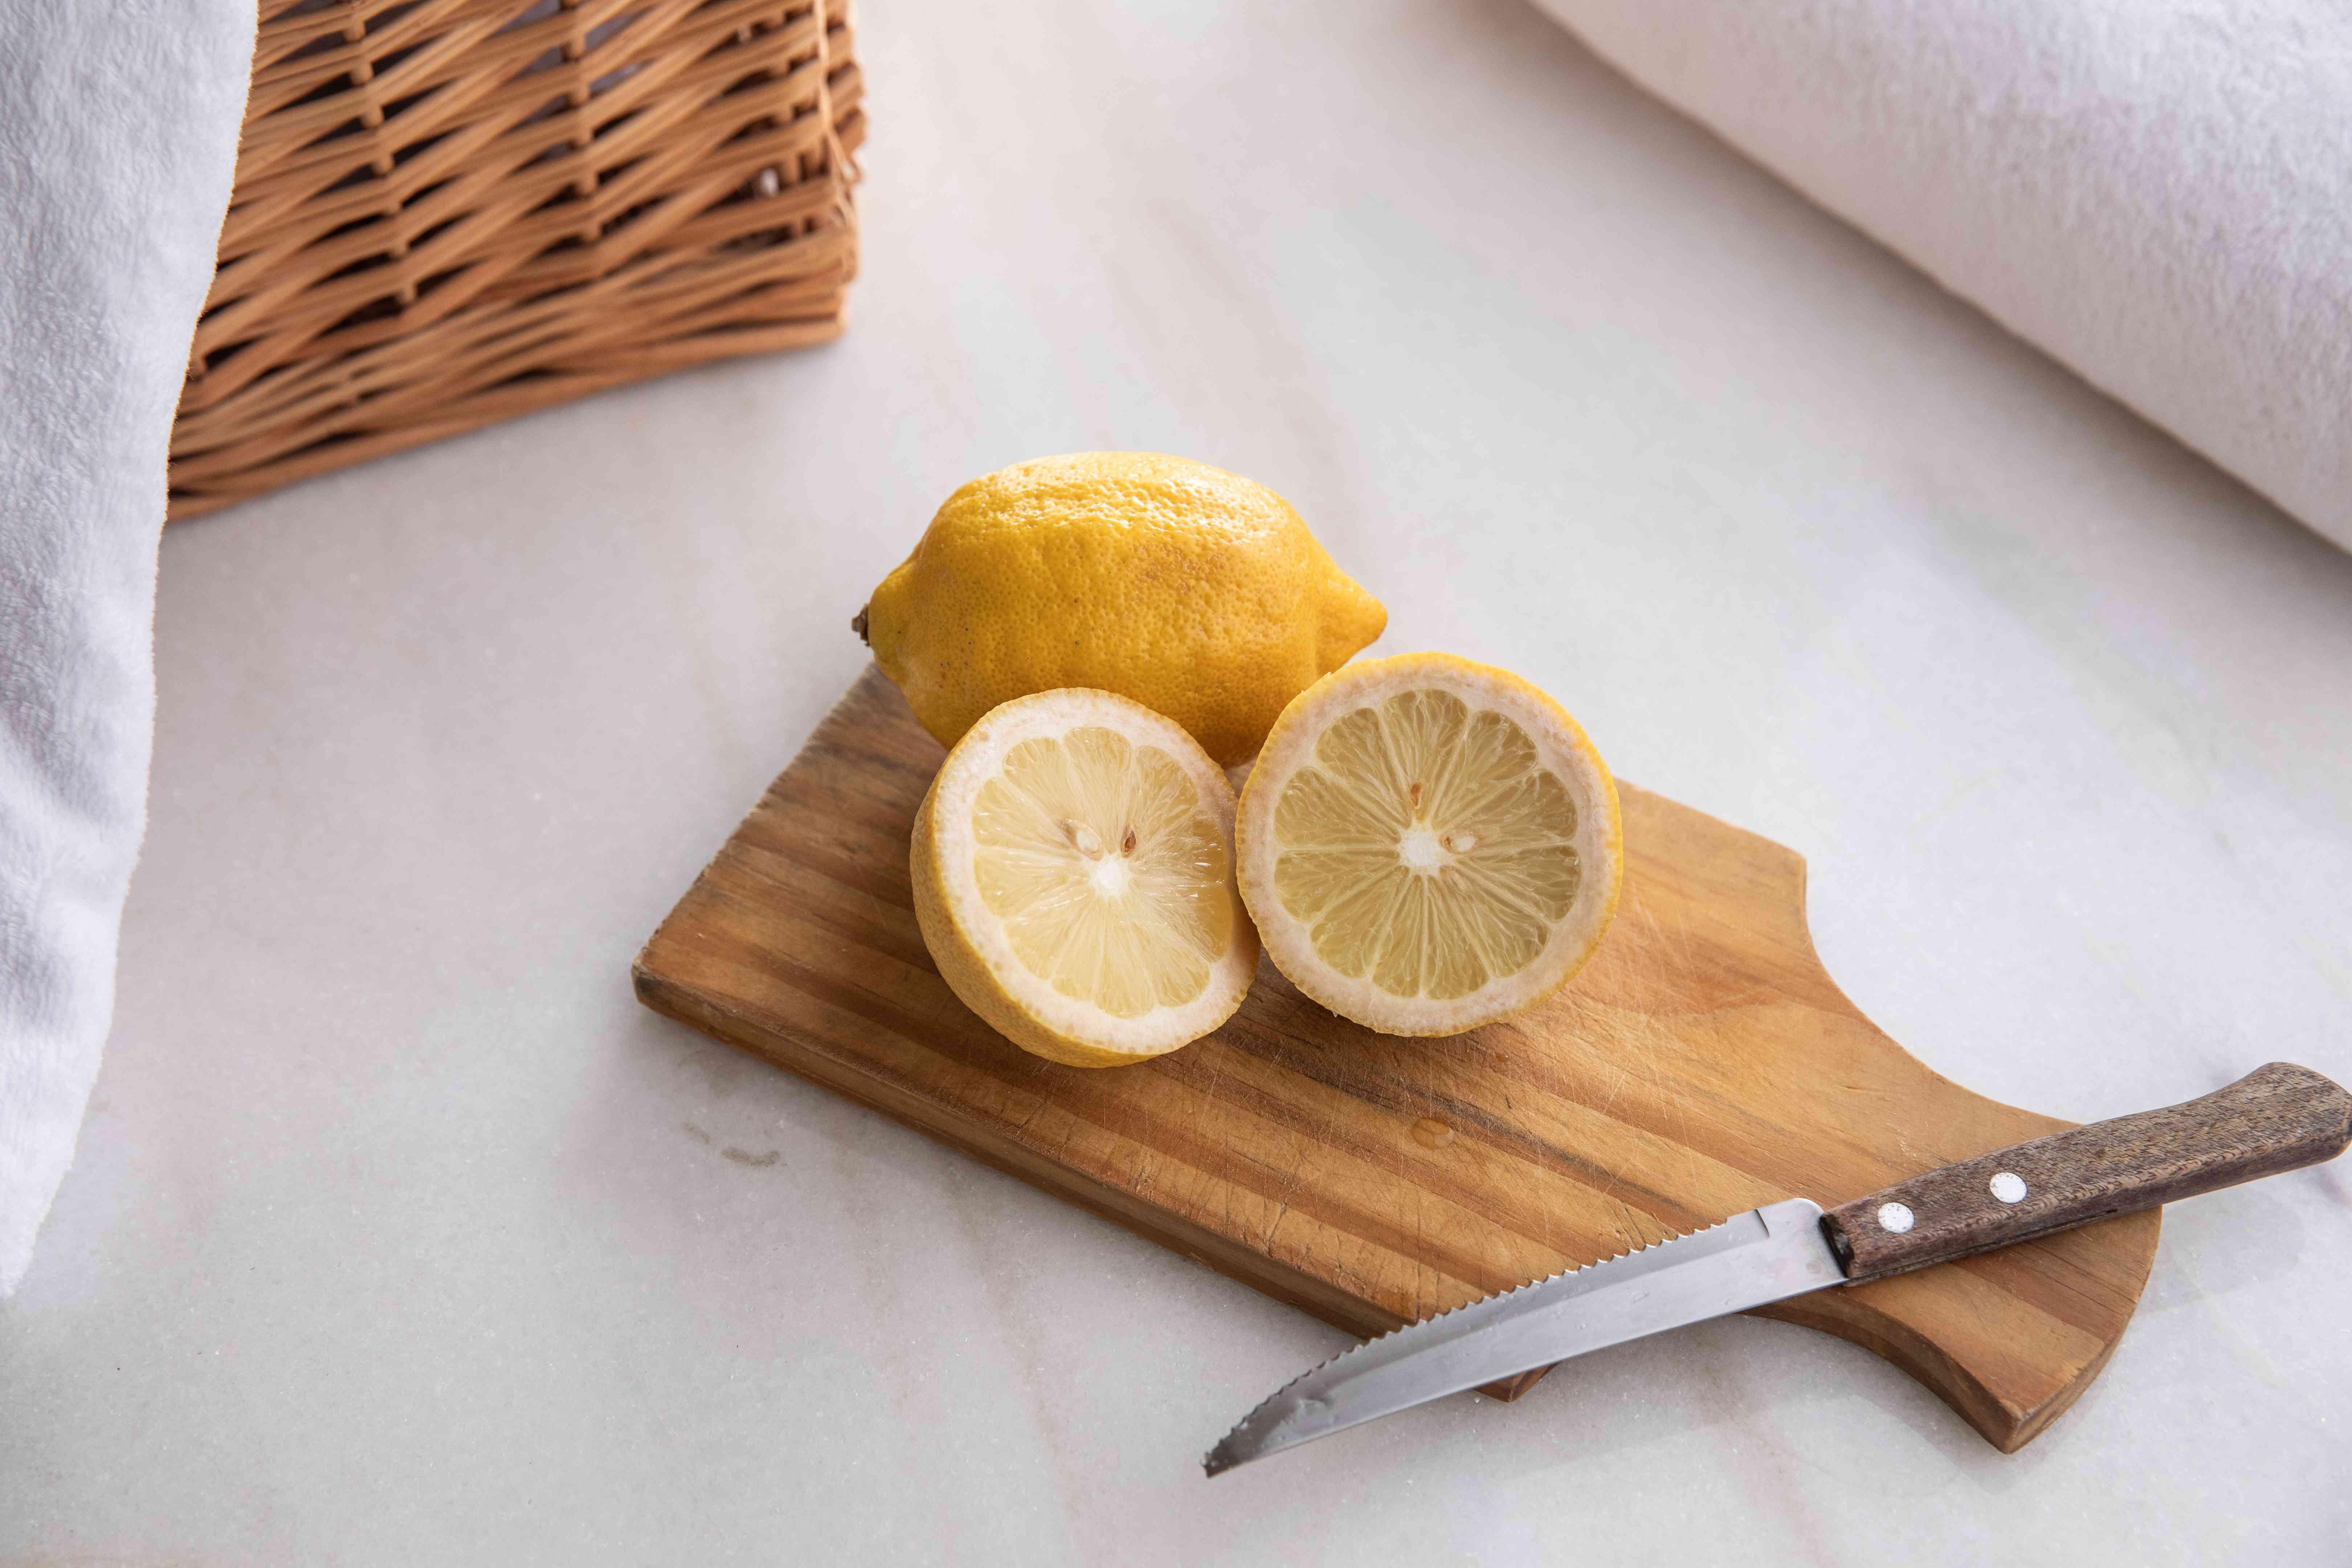 lemons for laundry use